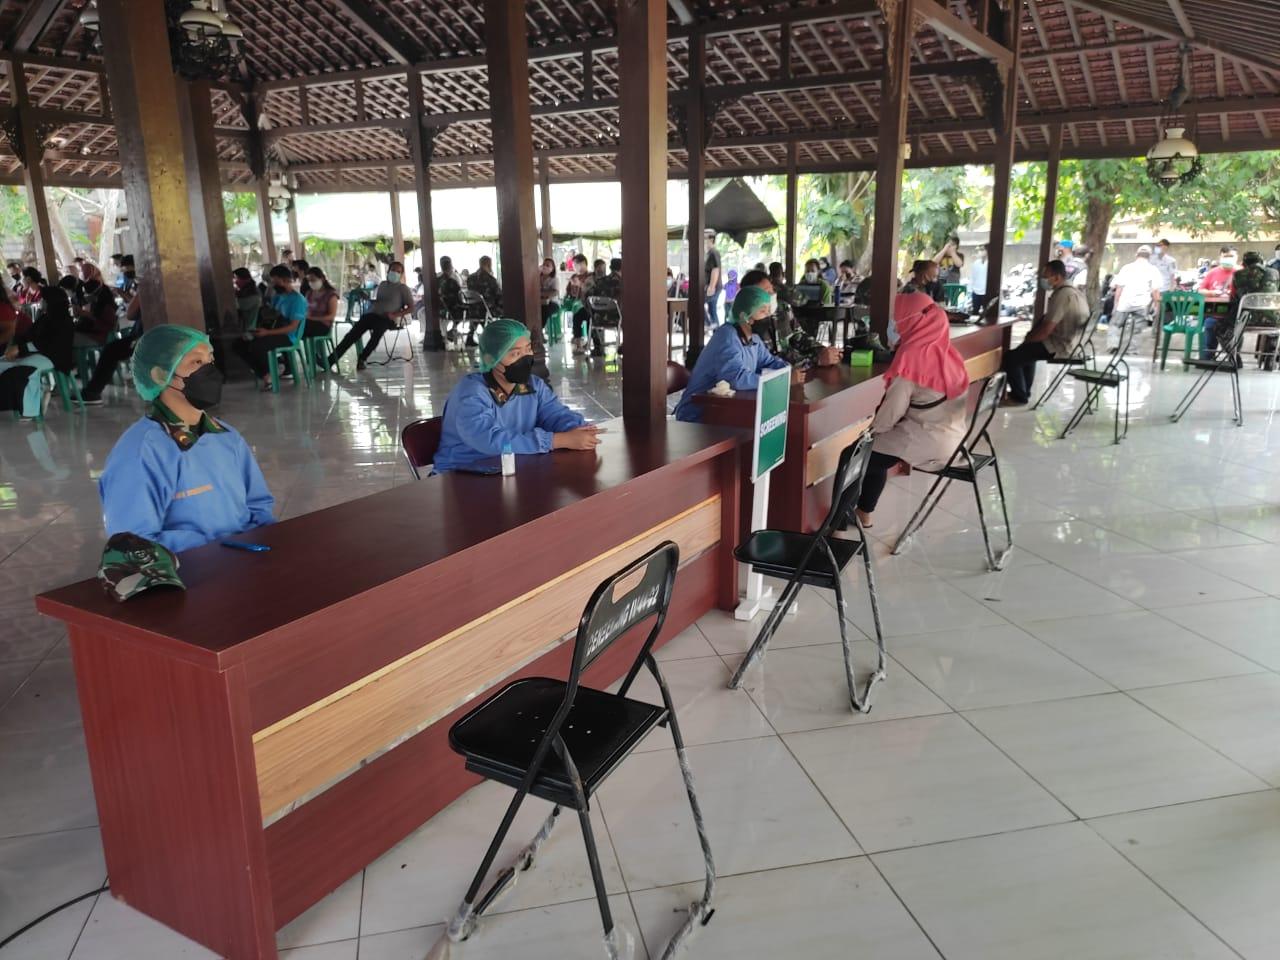 Pemantauan Vaksinasi Dosis 2 utk warga Kota Yogyakarta oleh Kodim 0734 Yk di Pendopo Sumarah Kel. Wirobrajan. Tervaksin 395 peserta